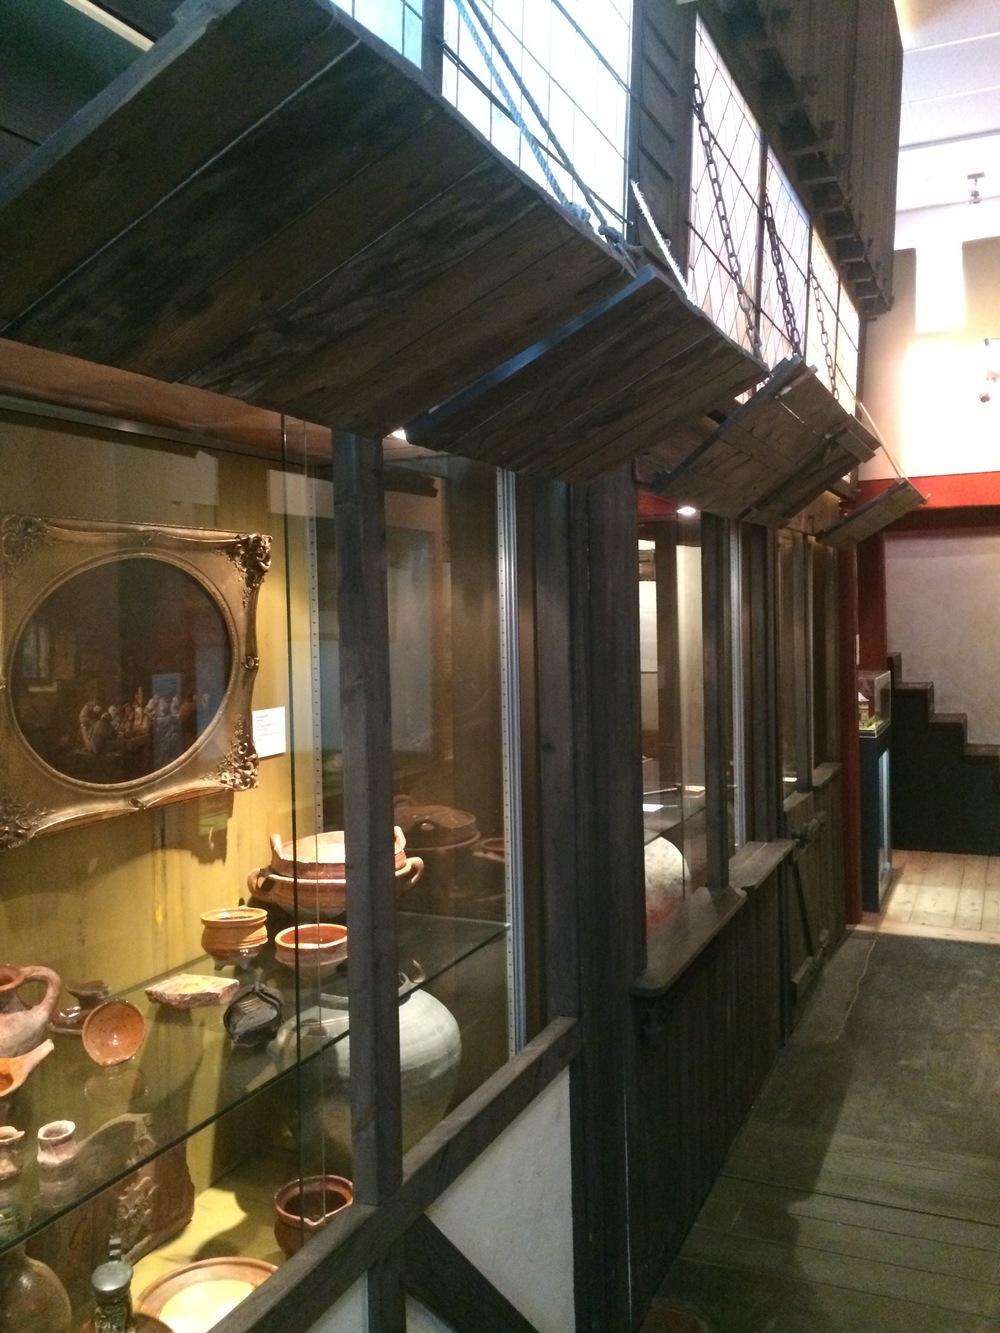 In de 'ramen' van het middeleeuwse straatje worden voorwerpen getoond.